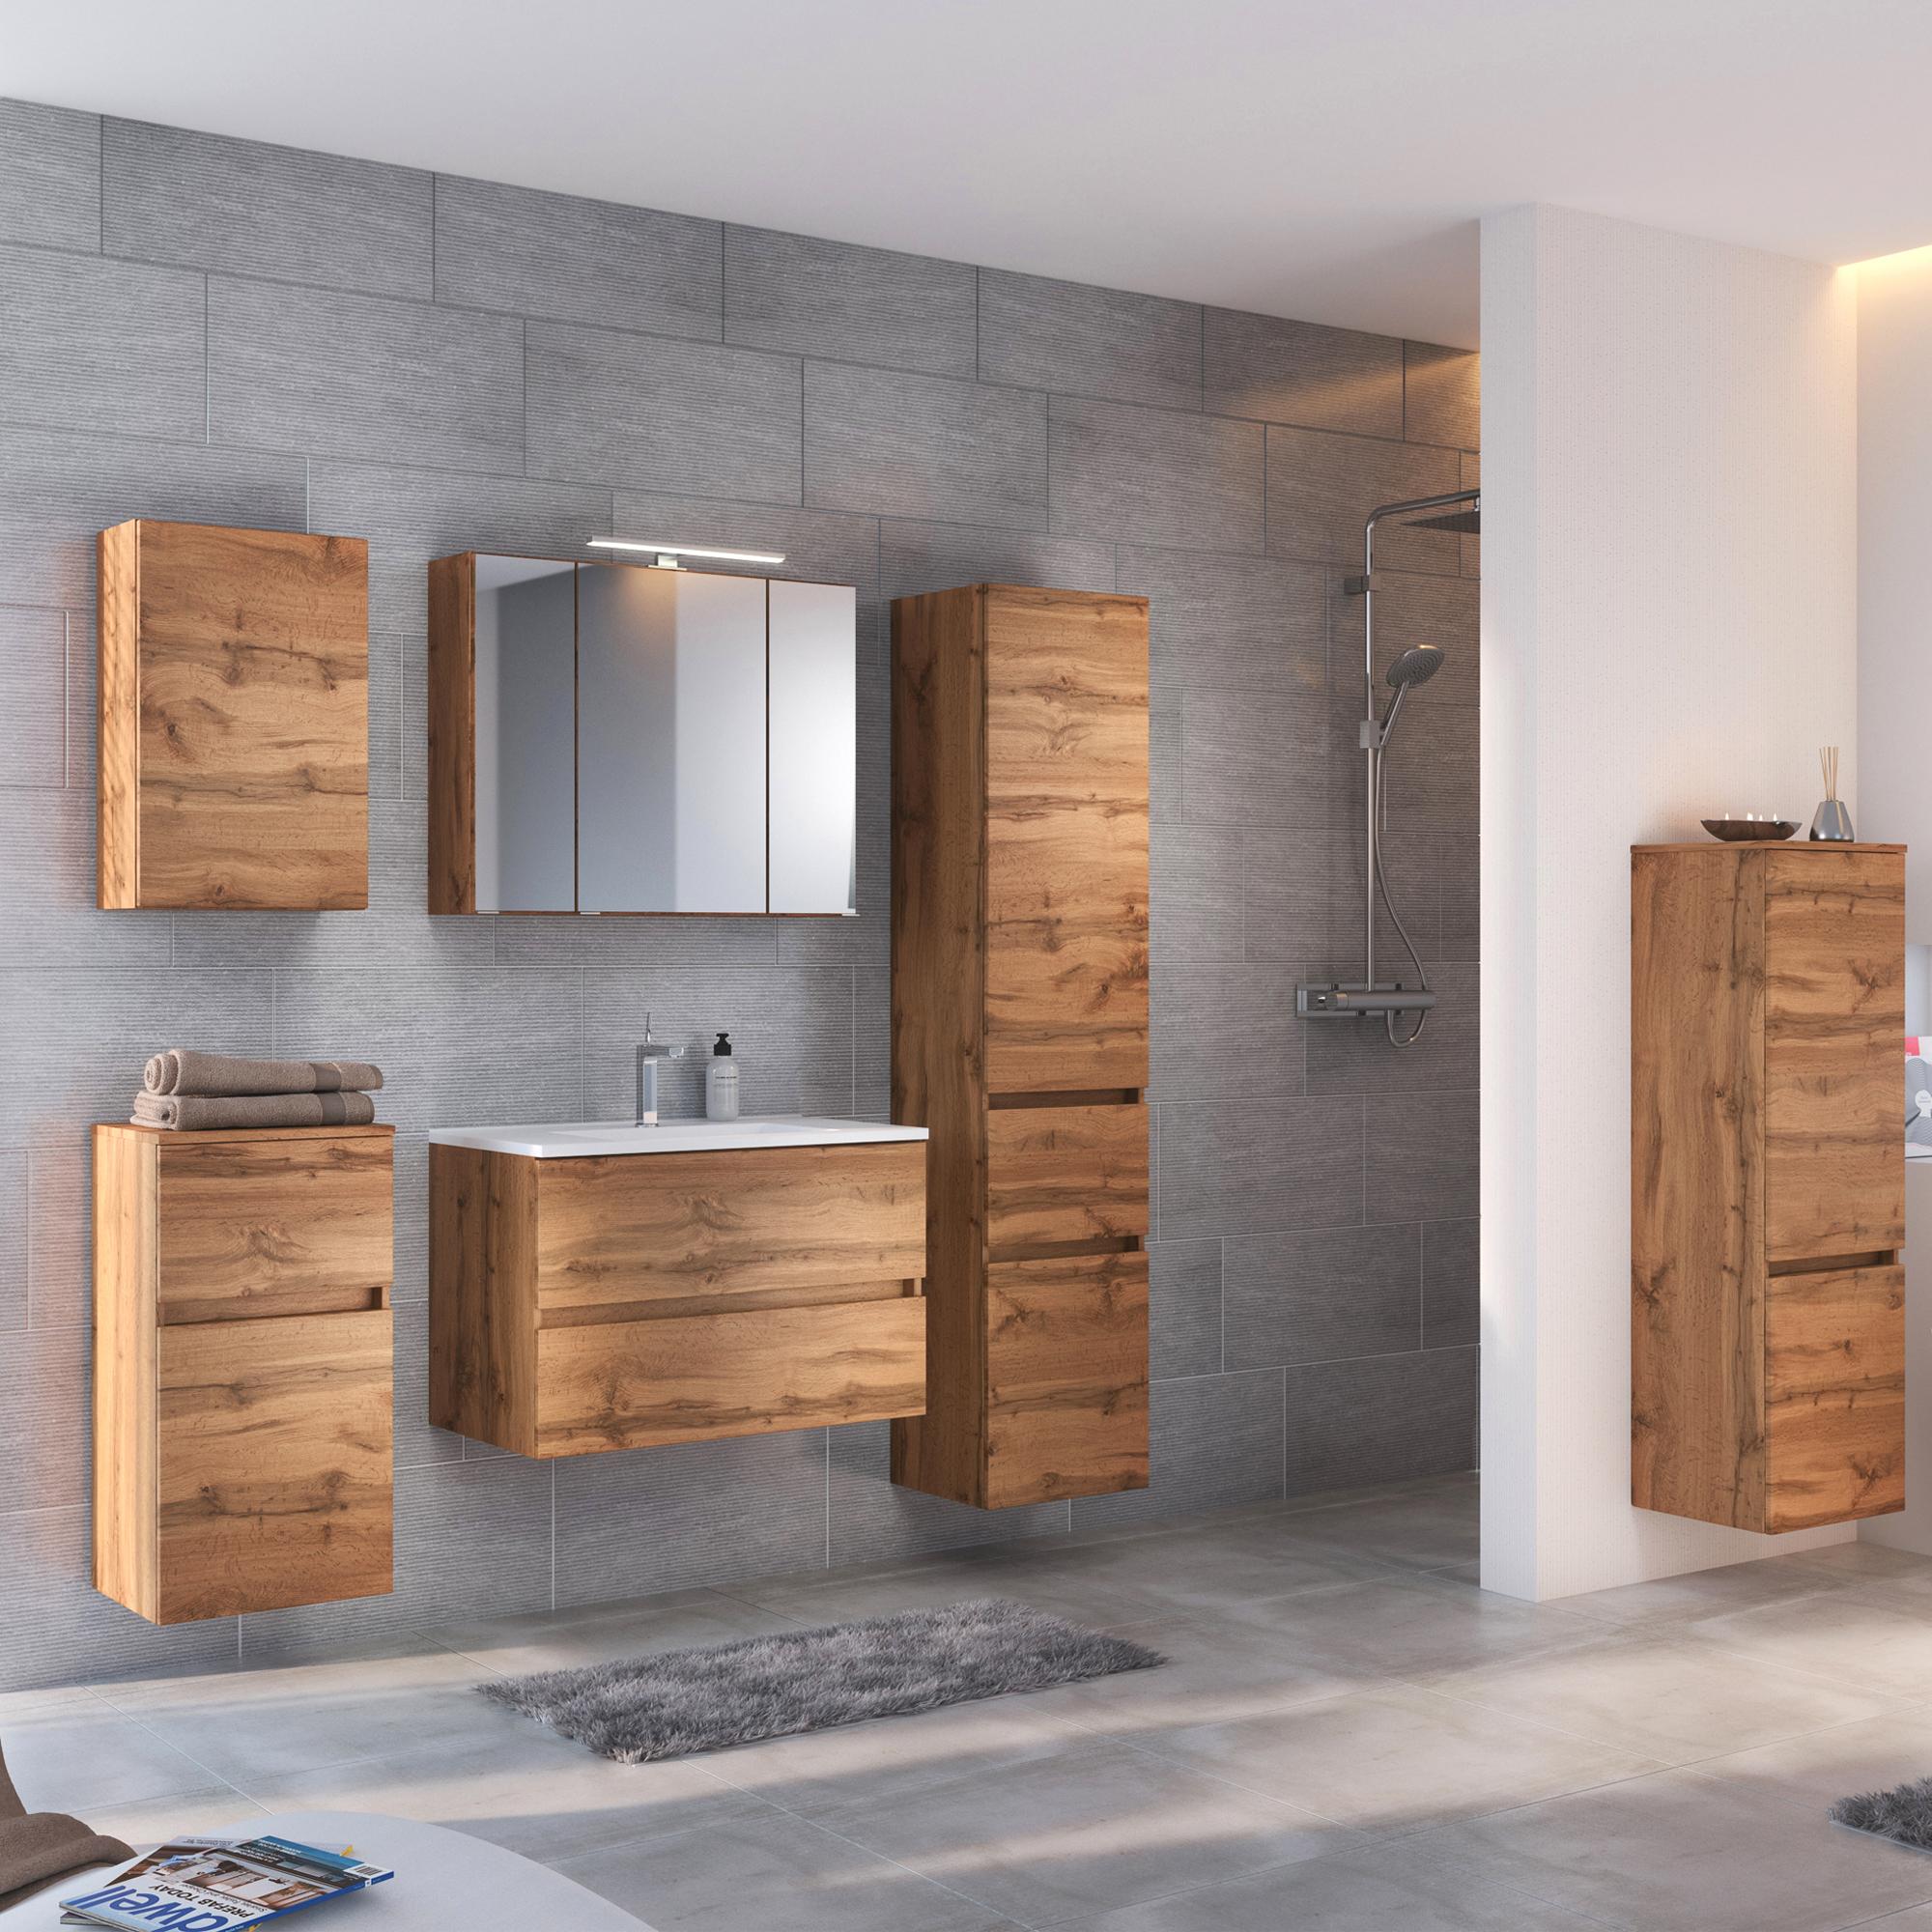 Badezimmermöbel Hochschrank Wotaneiche Bad Midischrank Seitenschrank Highboard